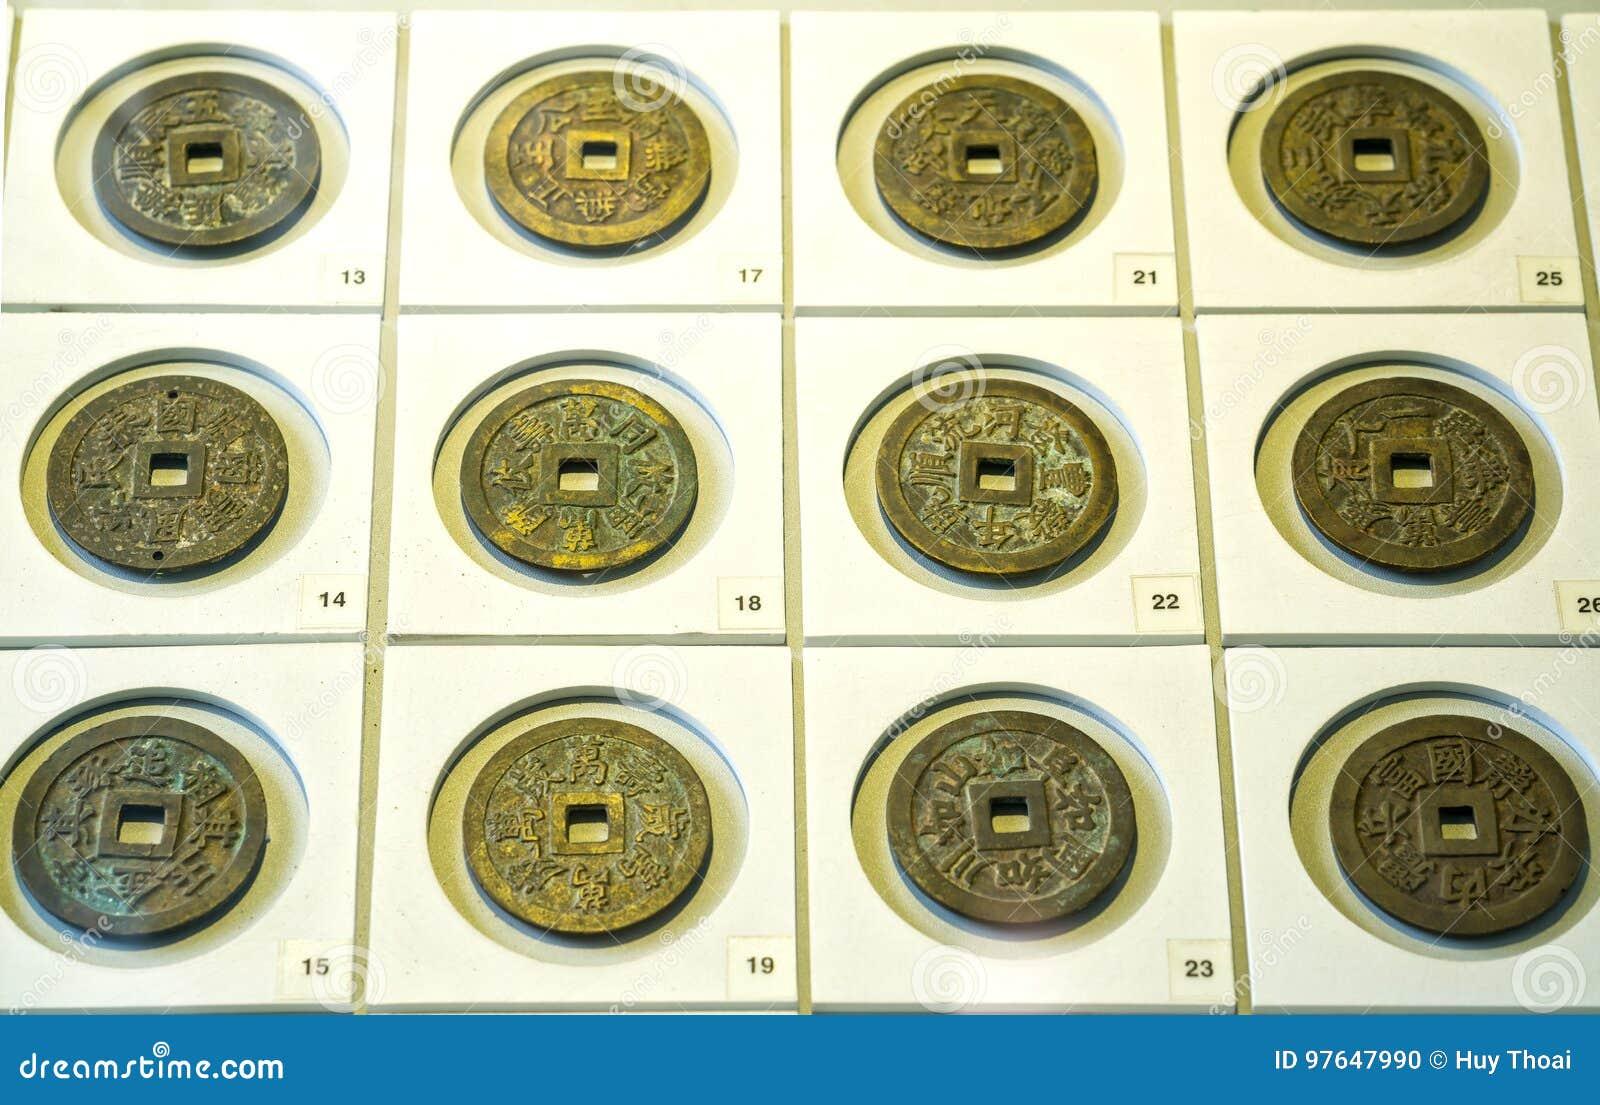 Die Alten Chinesischen Münzen Der Verschiedenen Dynastien Im Museum